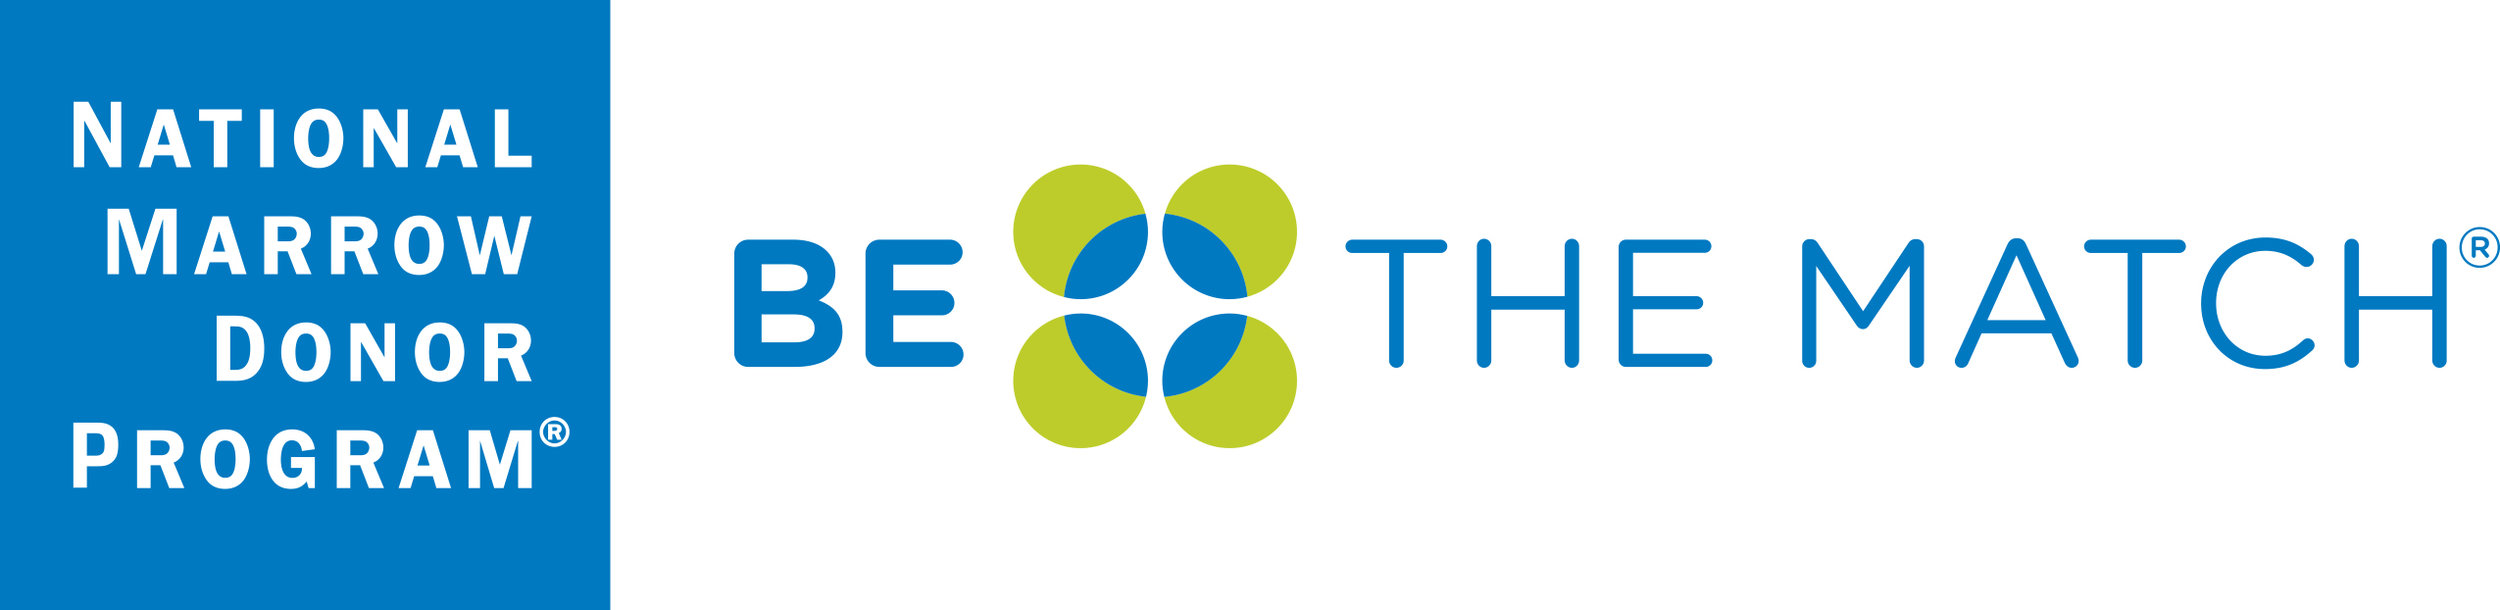 NMDP-BTM Dual logo RGB.jpg